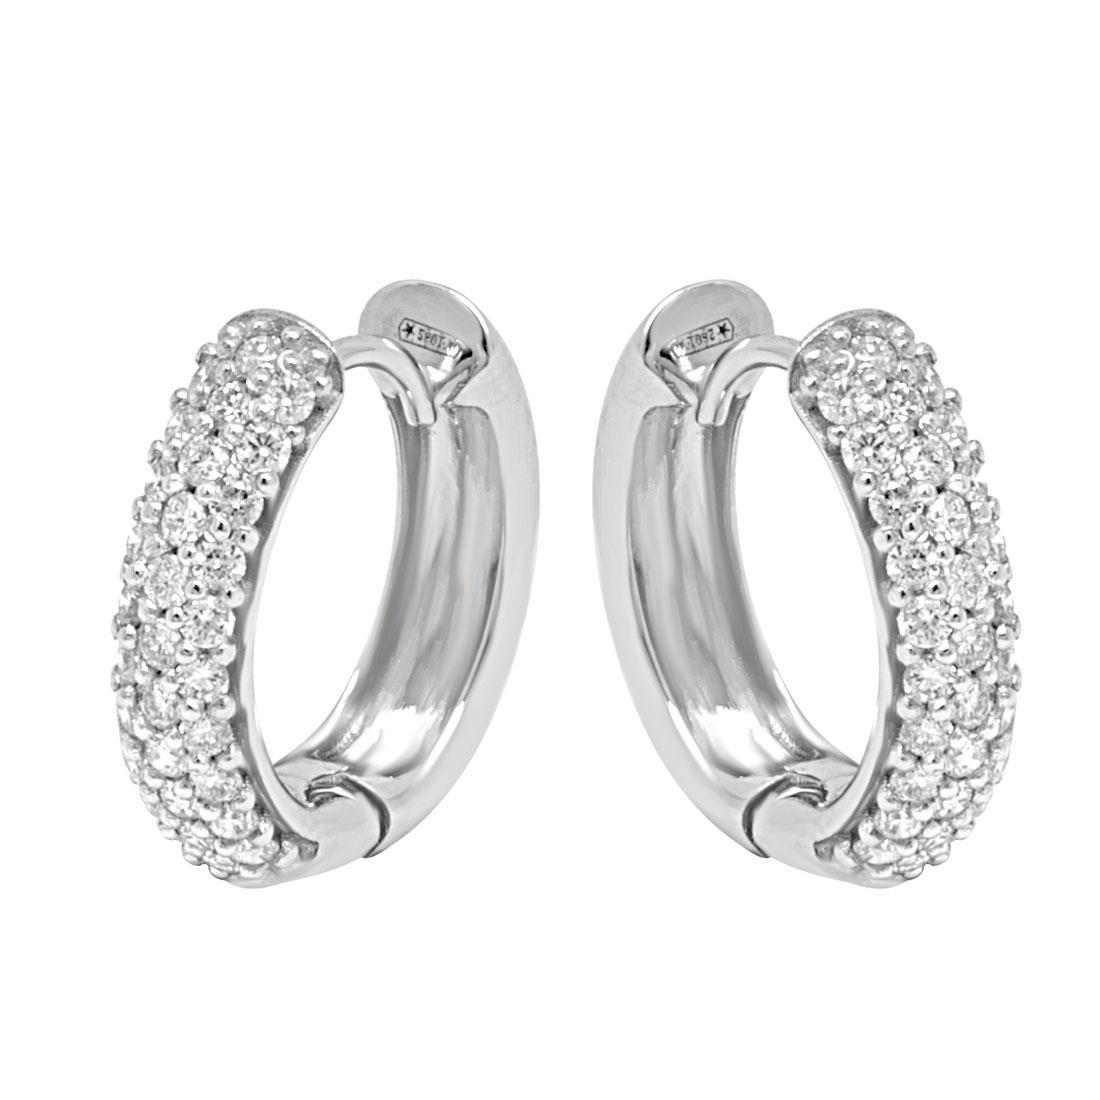 Orecchini in oro bianco con diamanti ct 0.75 - ALFIERI & ST.JOHN